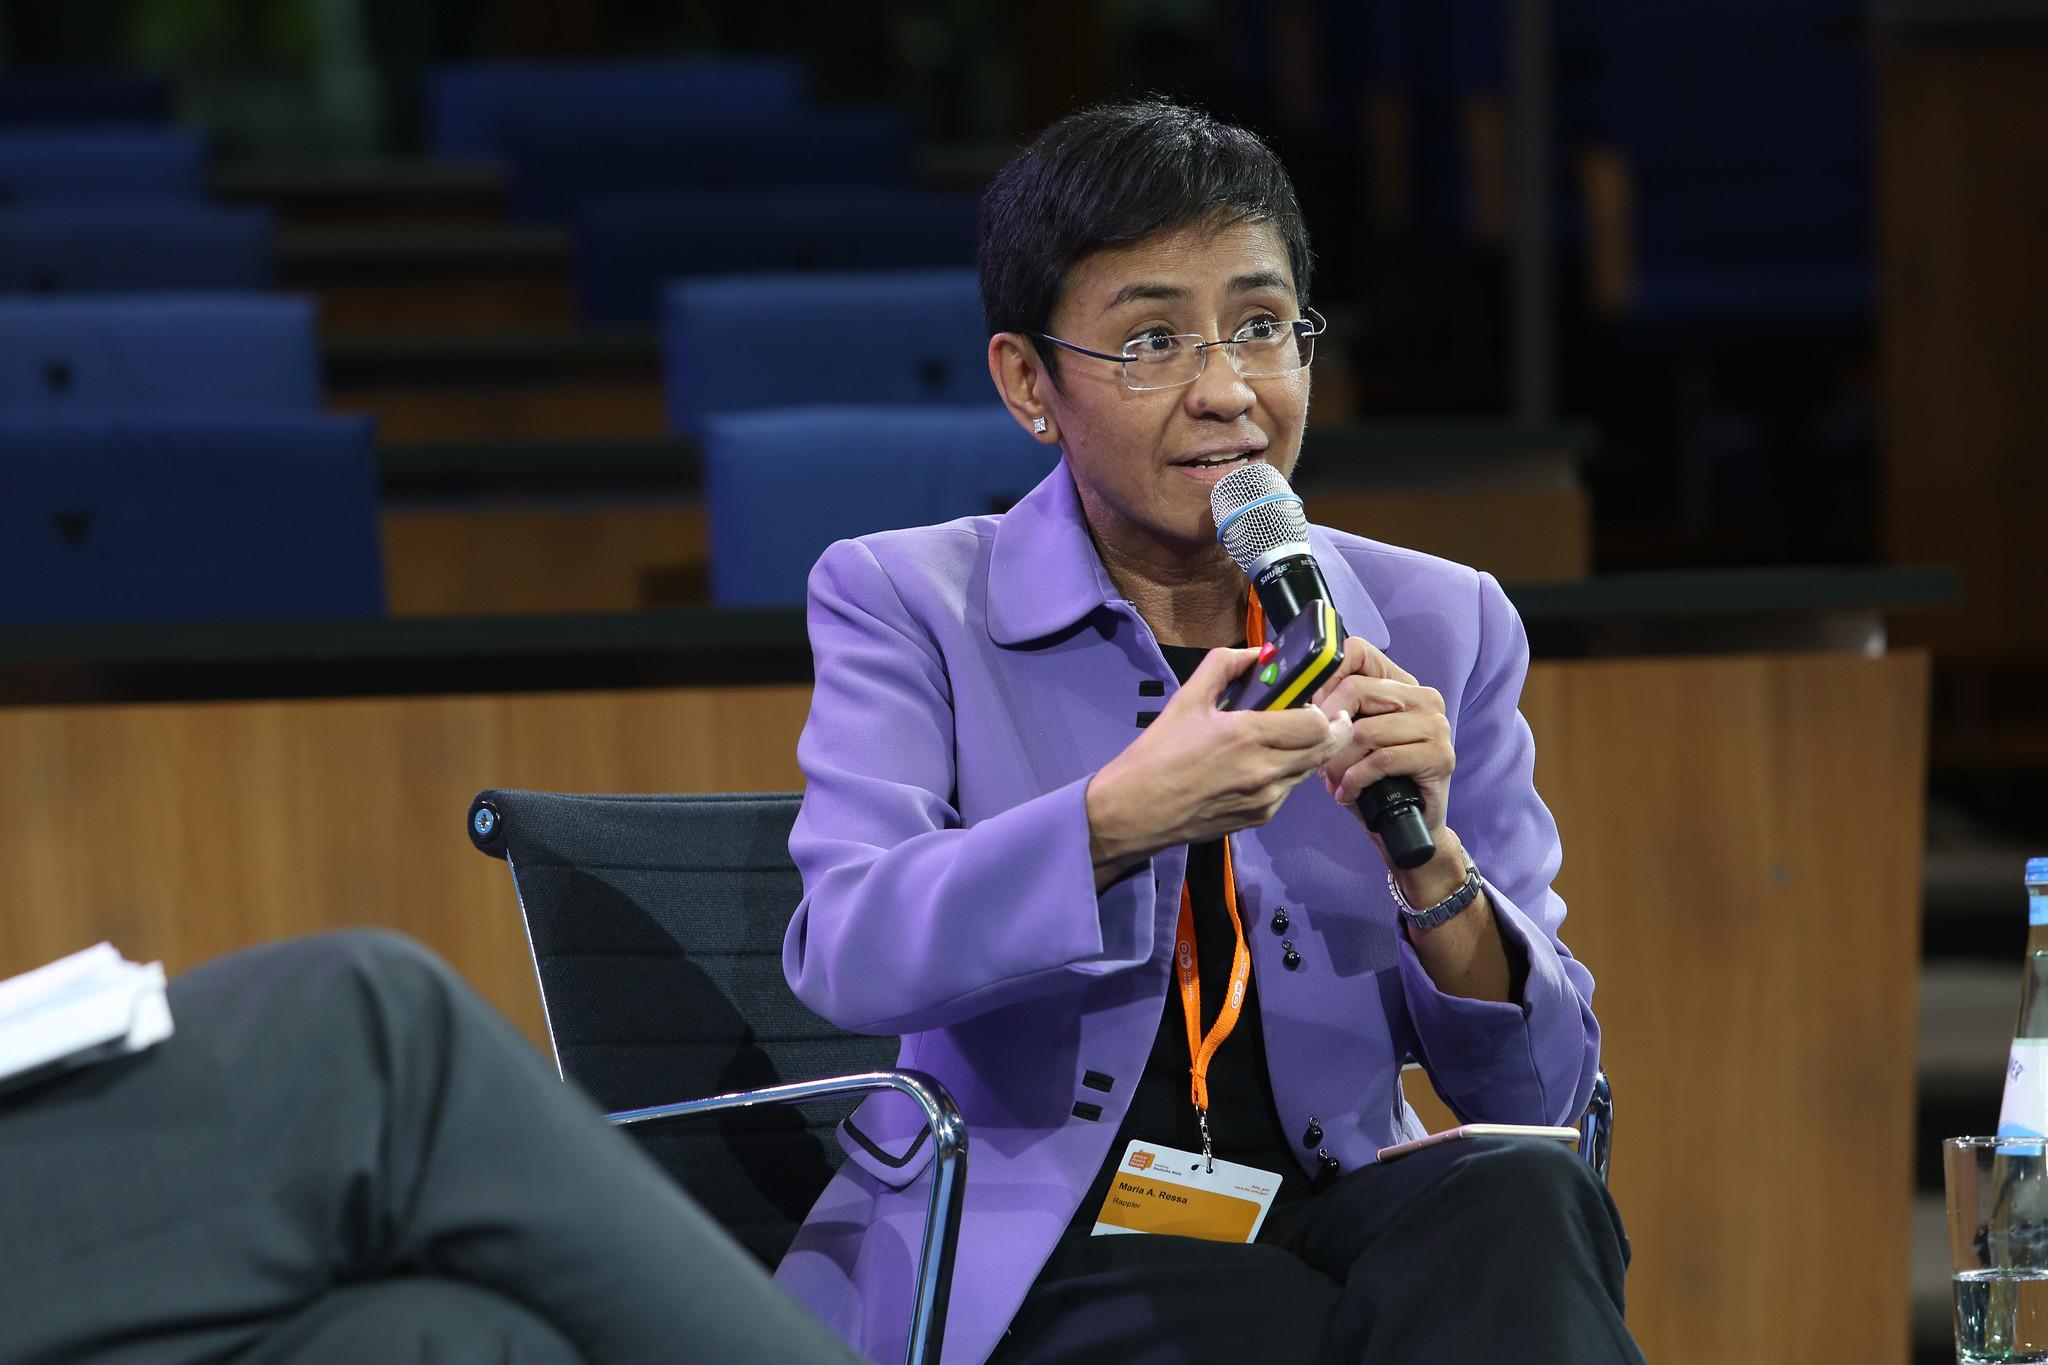 Maria Ressa, Prix Nobel de la Paix 2021